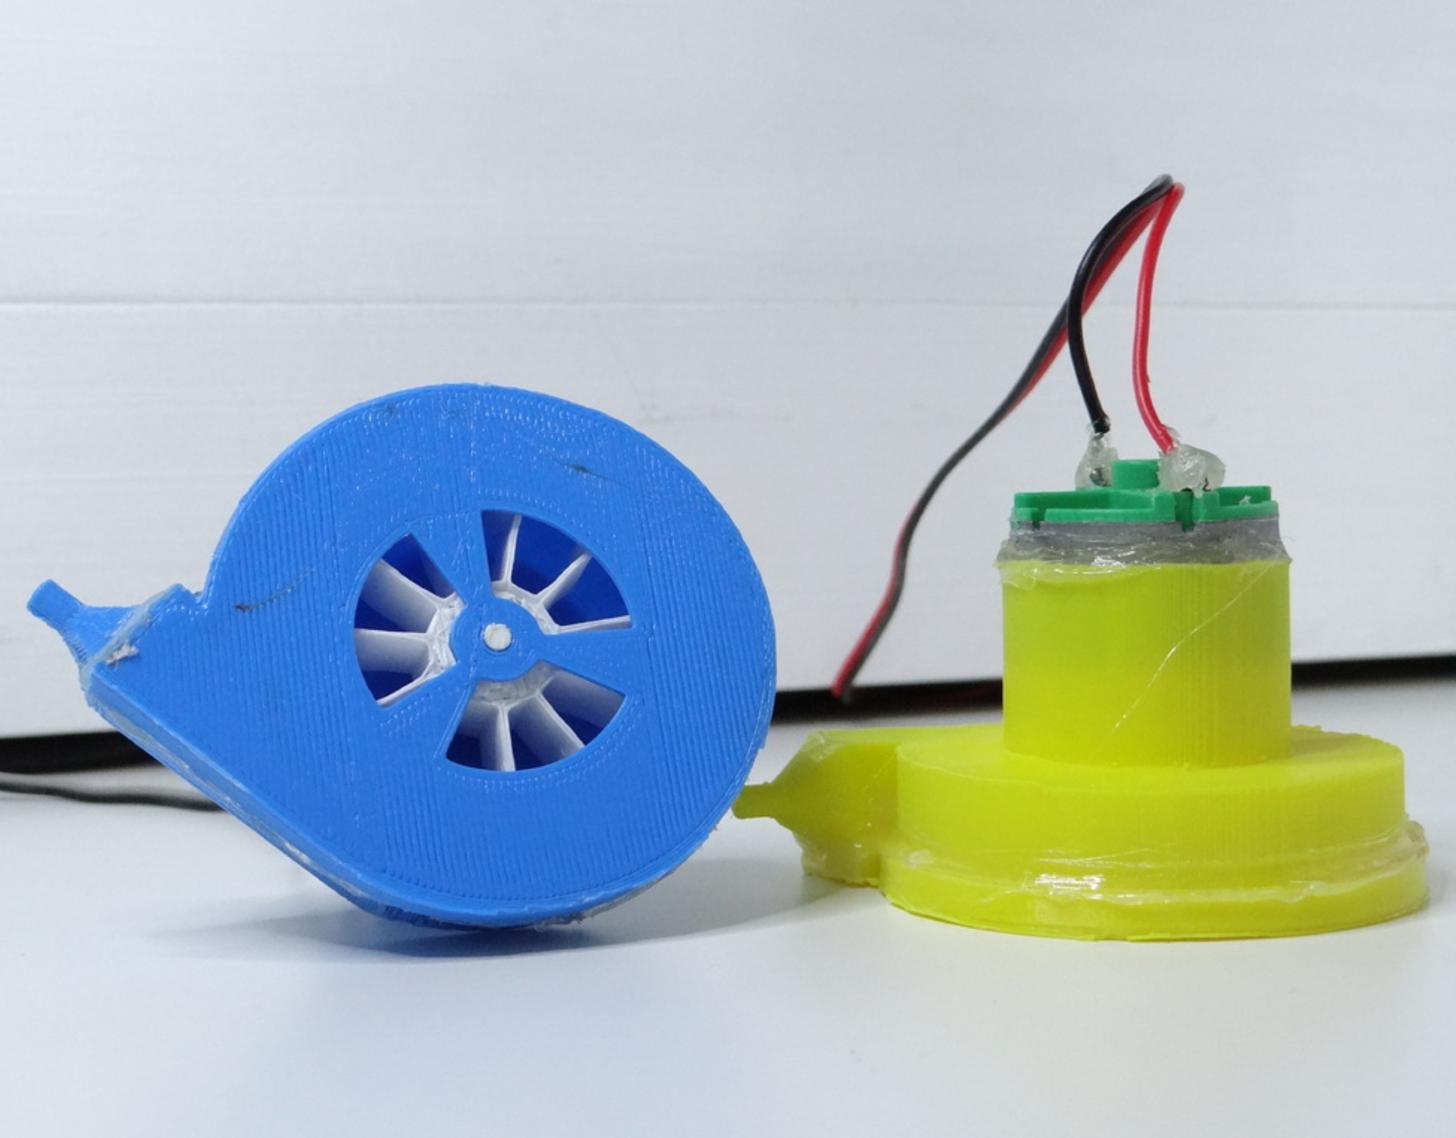 Capture d'écran 2017-08-17 à 19.04.07.png Download free STL file Water pump • 3D printing object, NikodemBartnik